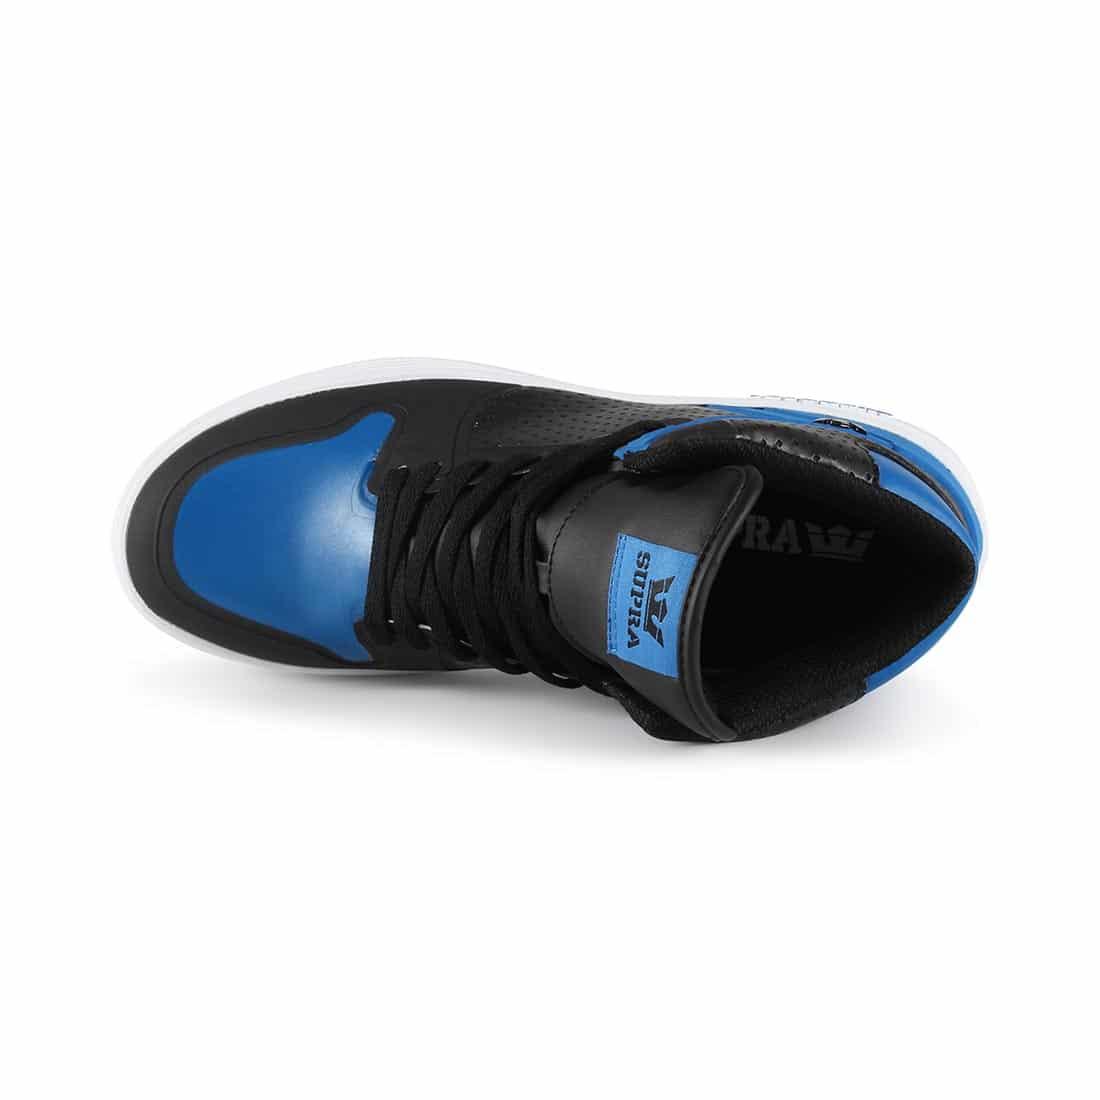 Supra Vaider 2.0 LX Shoes - Ocean